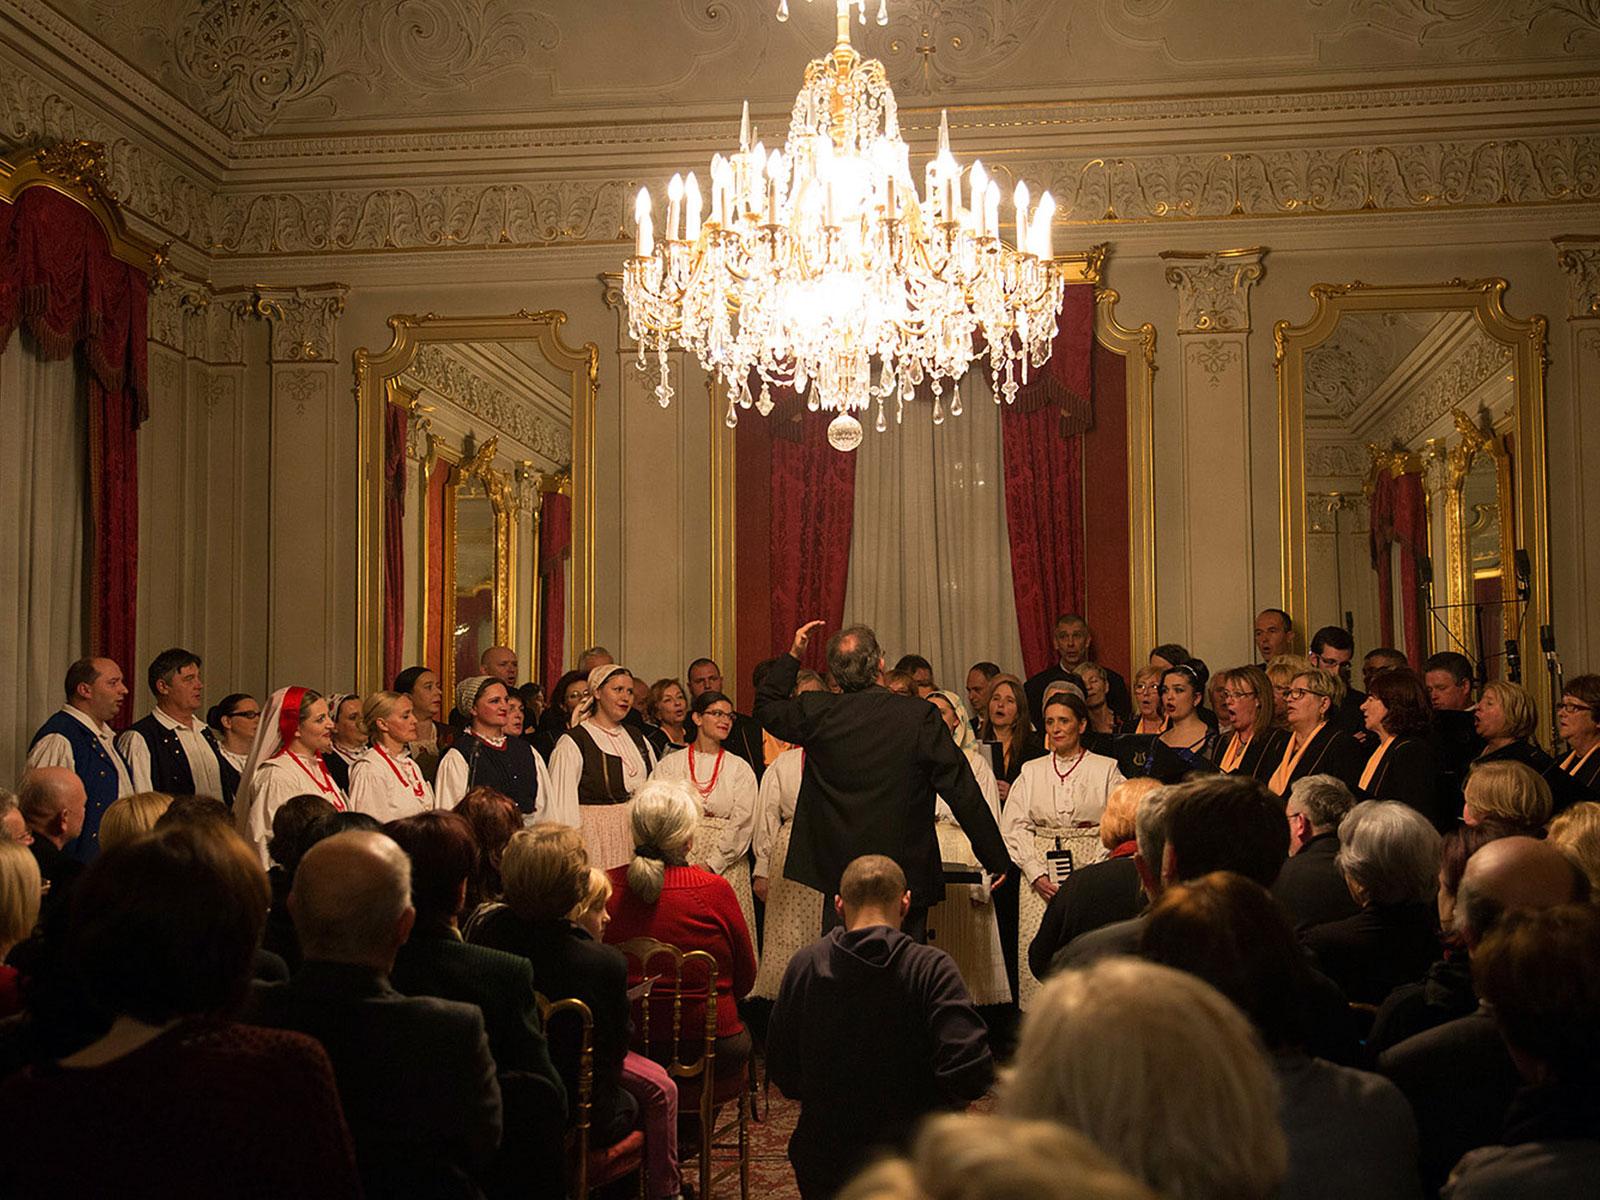 GLORIA Dverce koncert Glazbeni festival adventskih i božićnih pjesama u Zagrebu 2016. Musica Nota